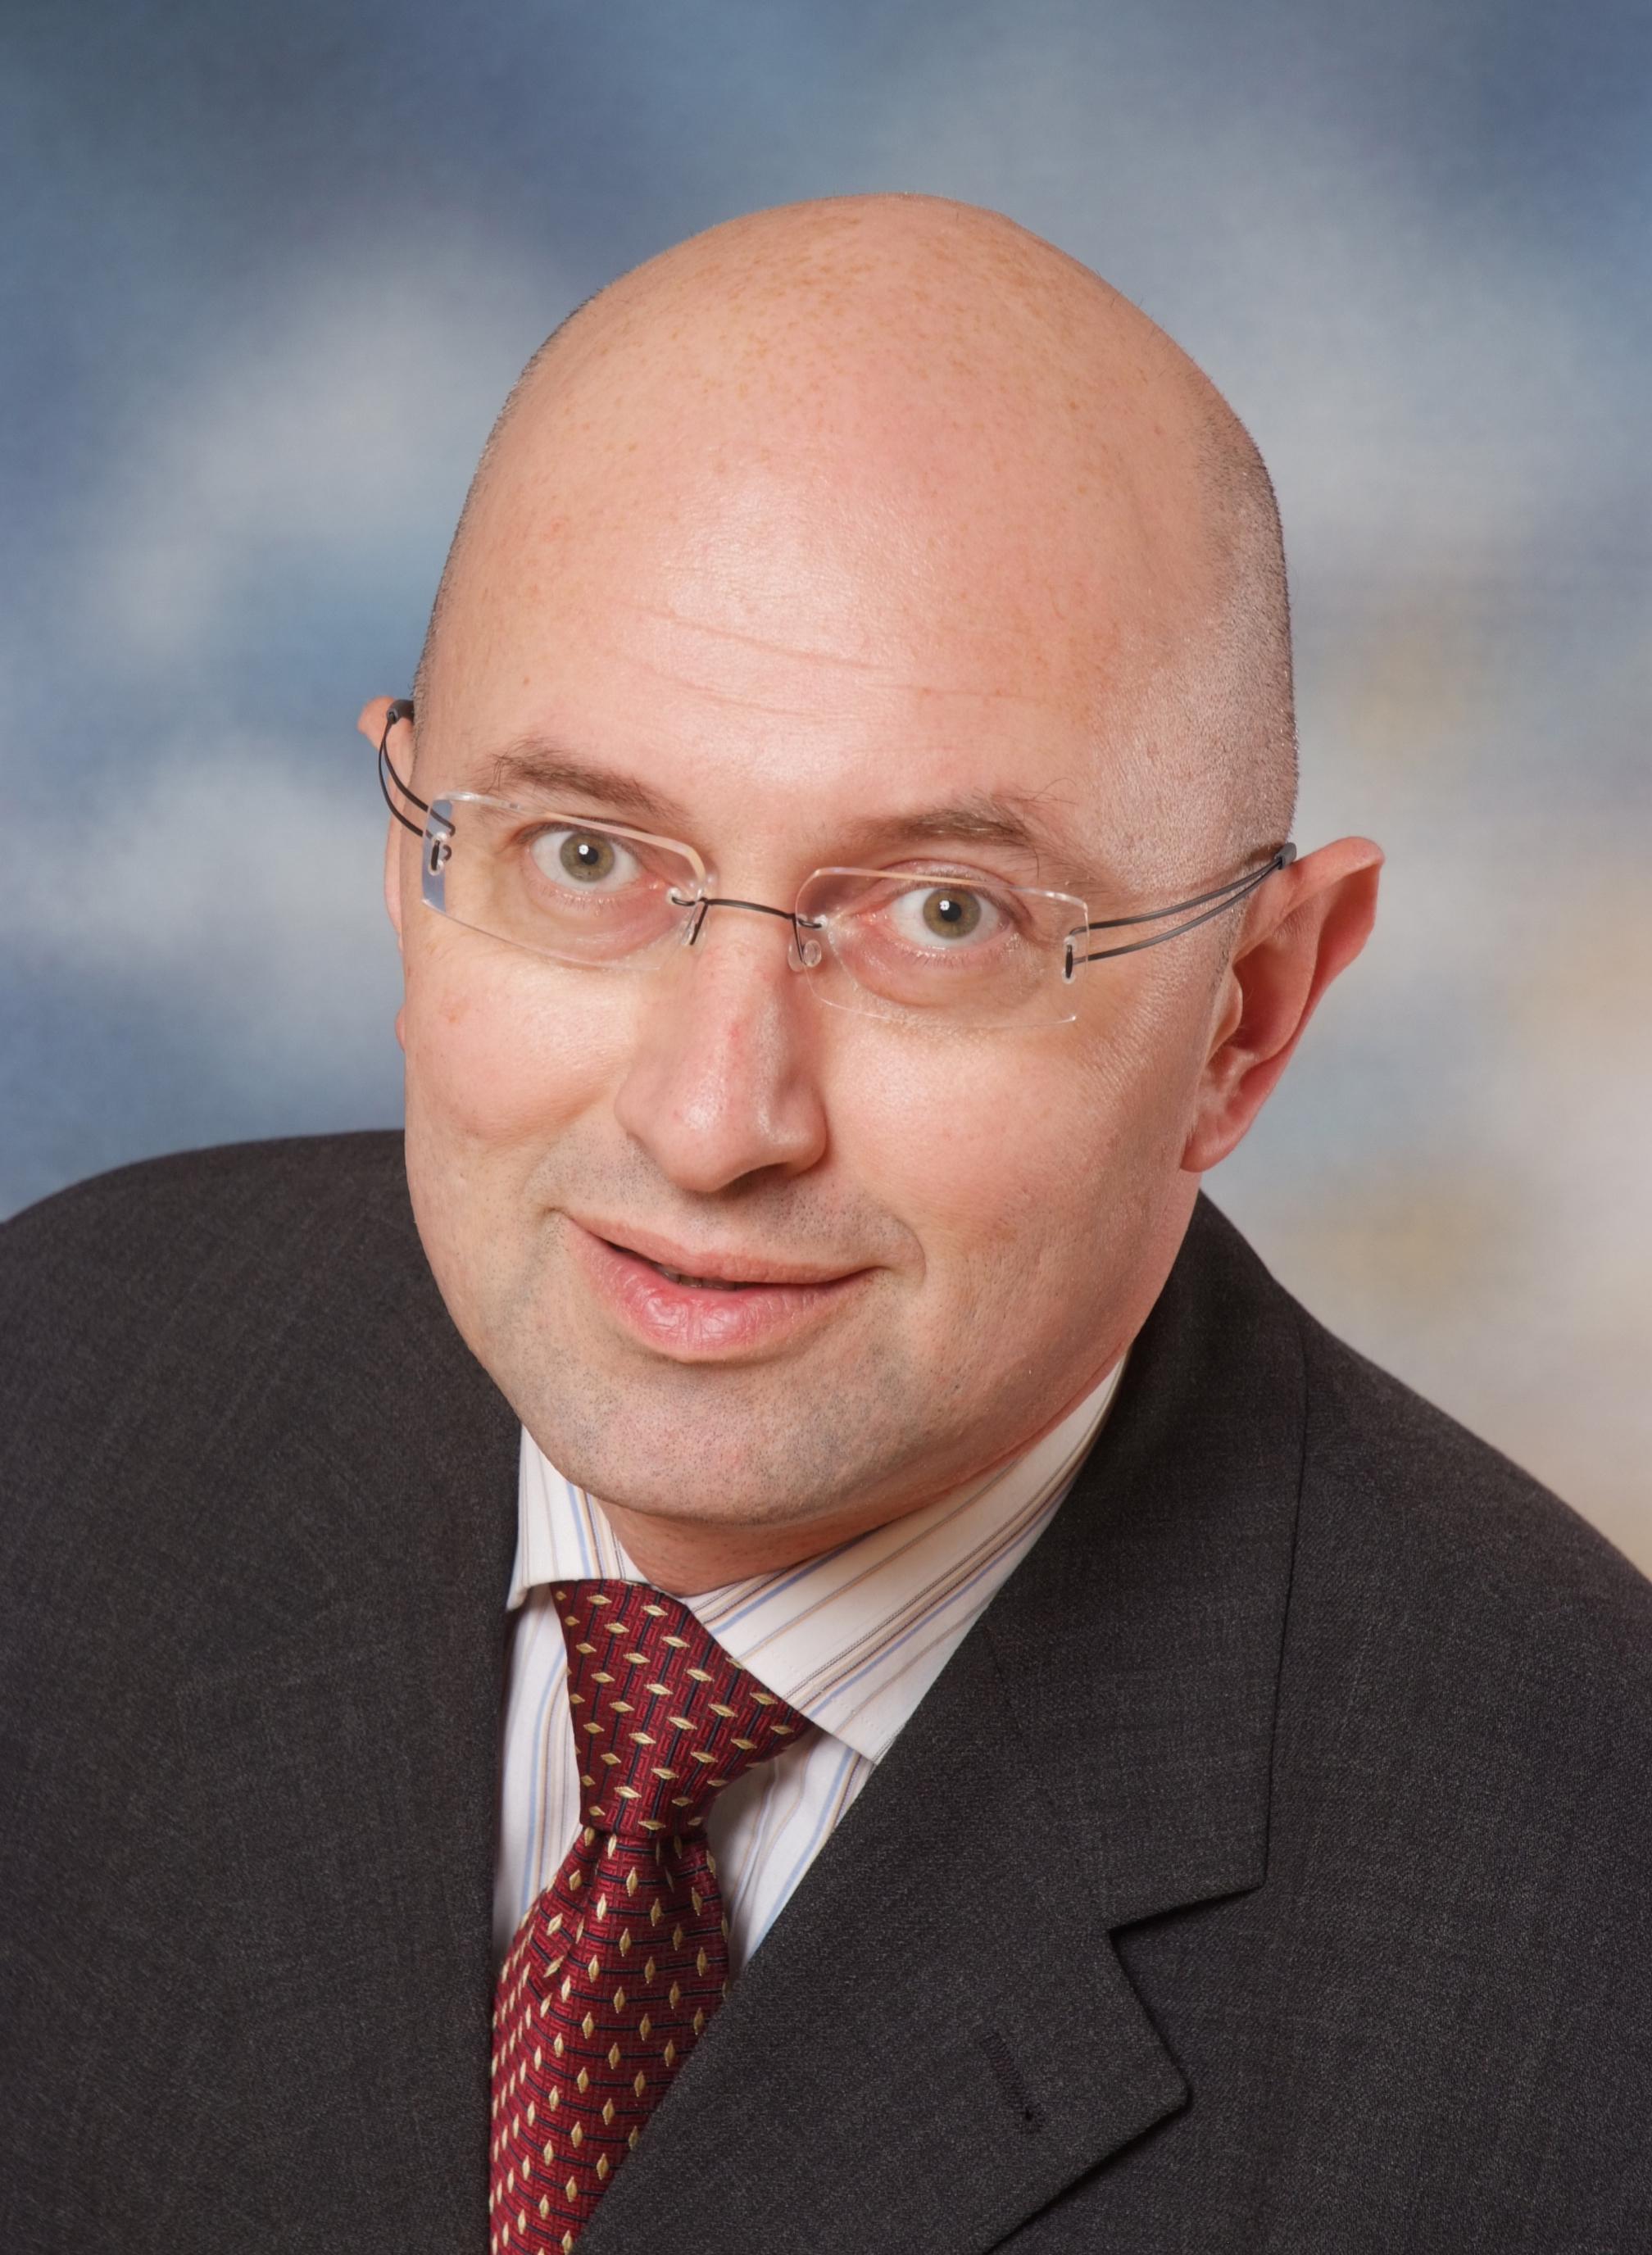 Zaza Katsarava